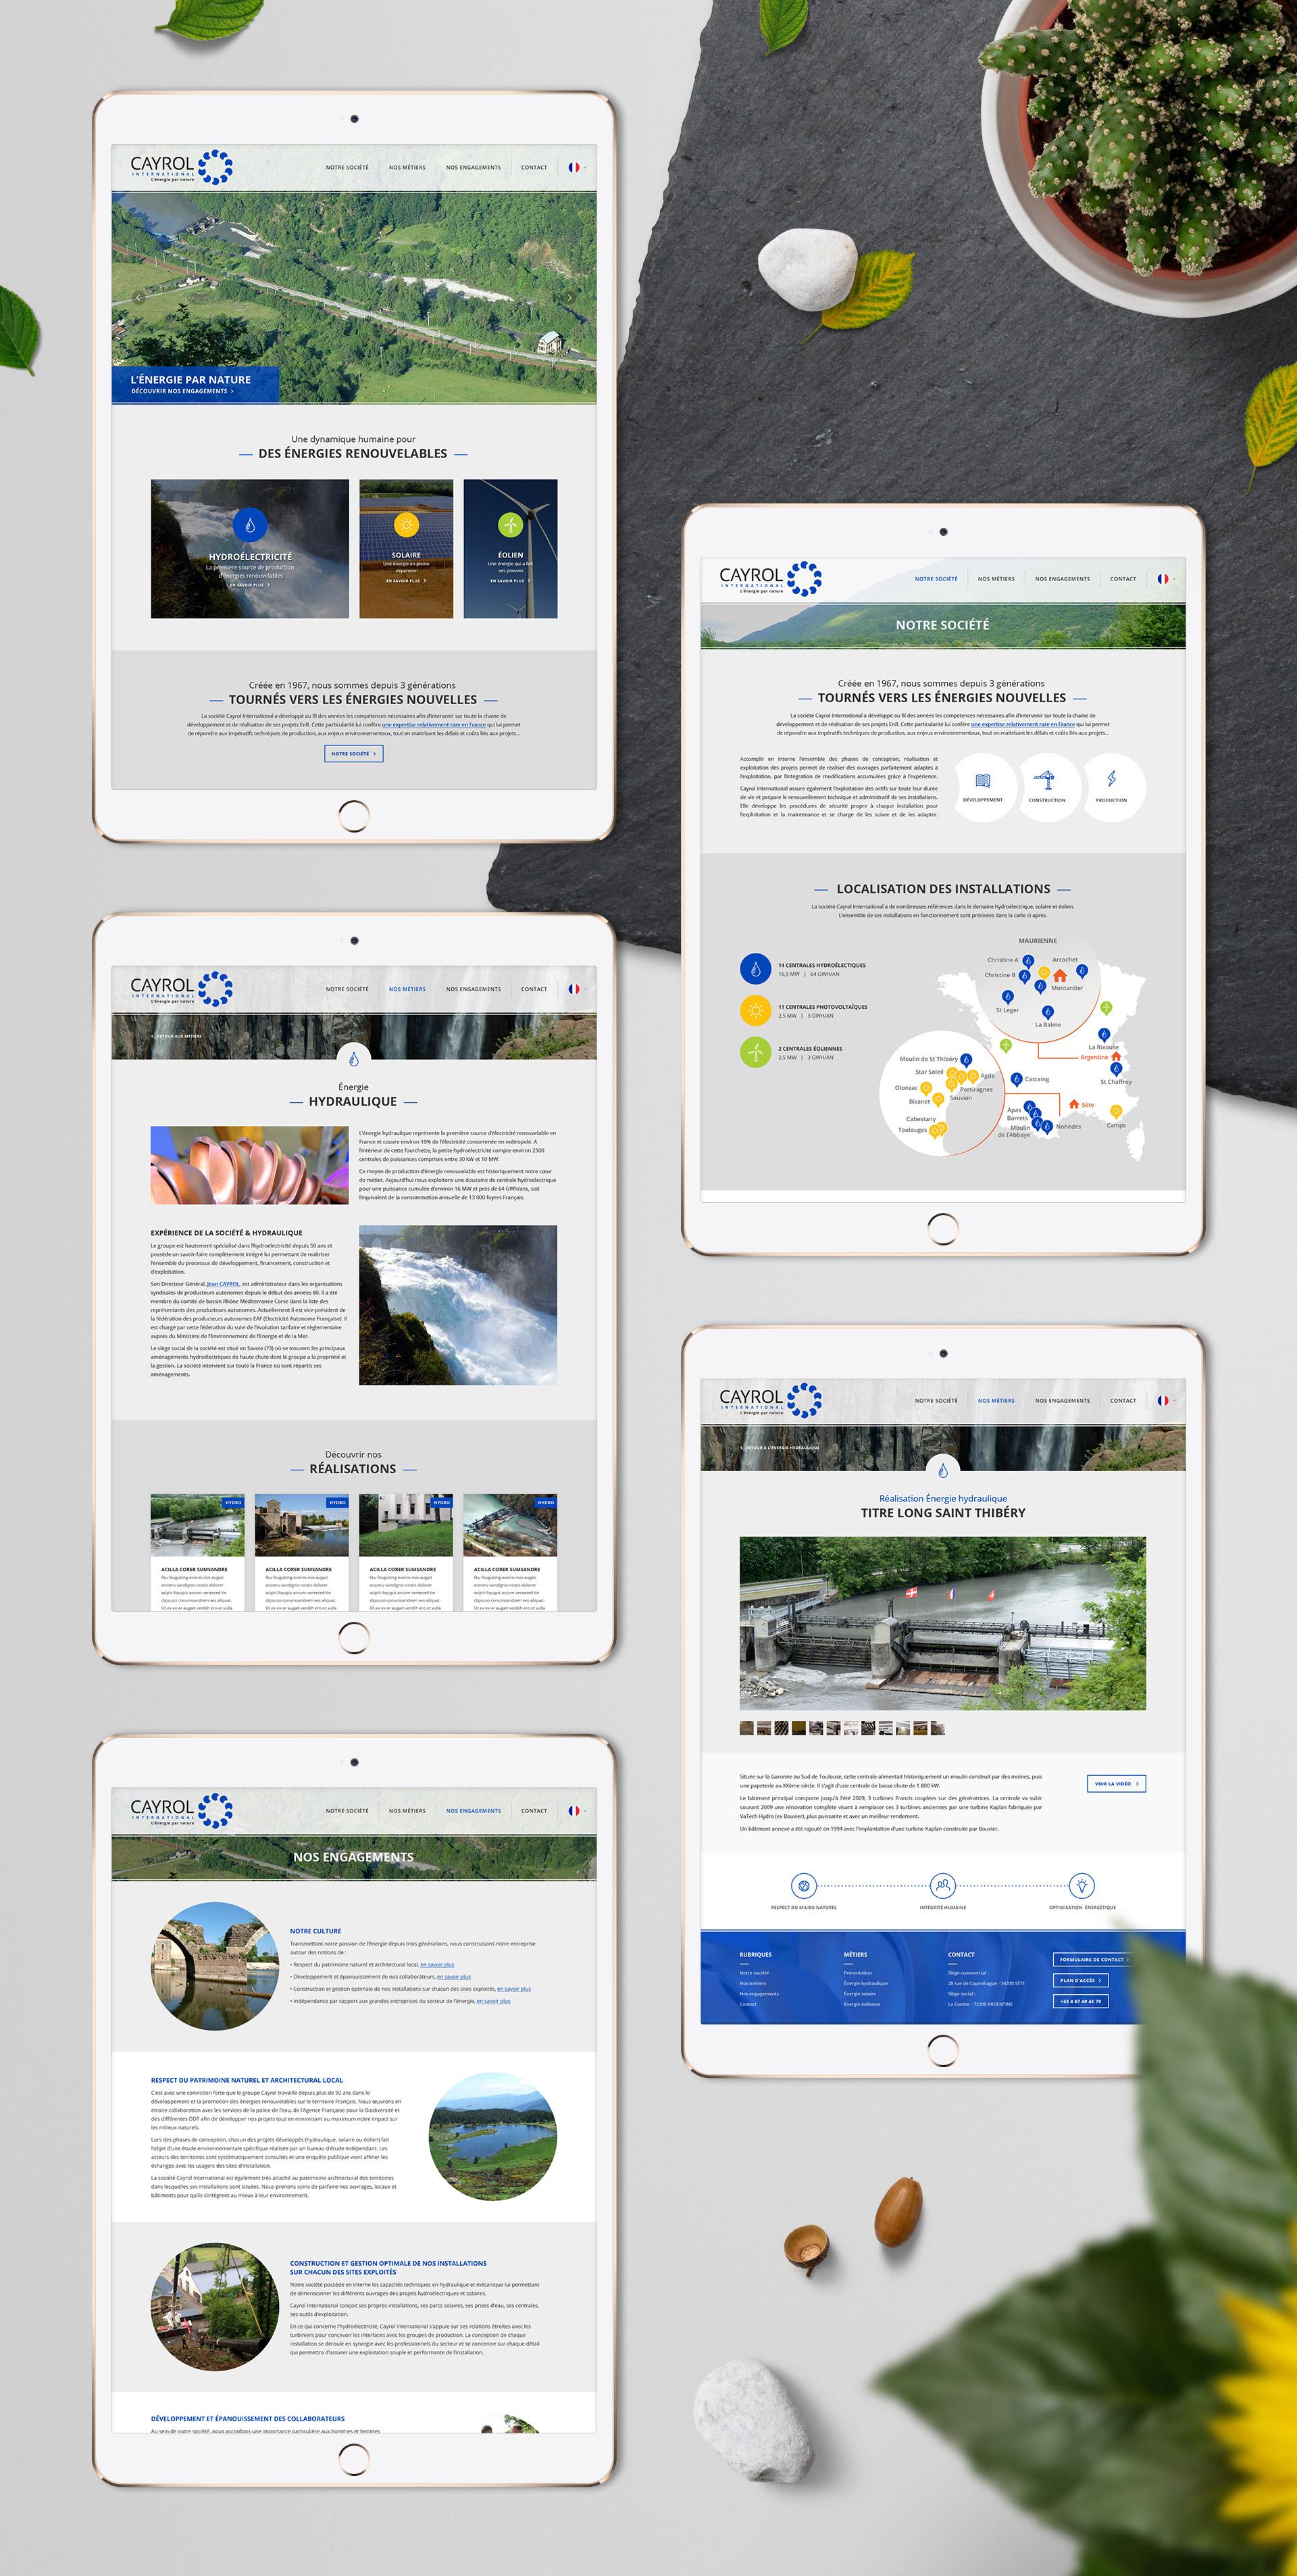 Création site web responsive design énergie naturelle renouvelable